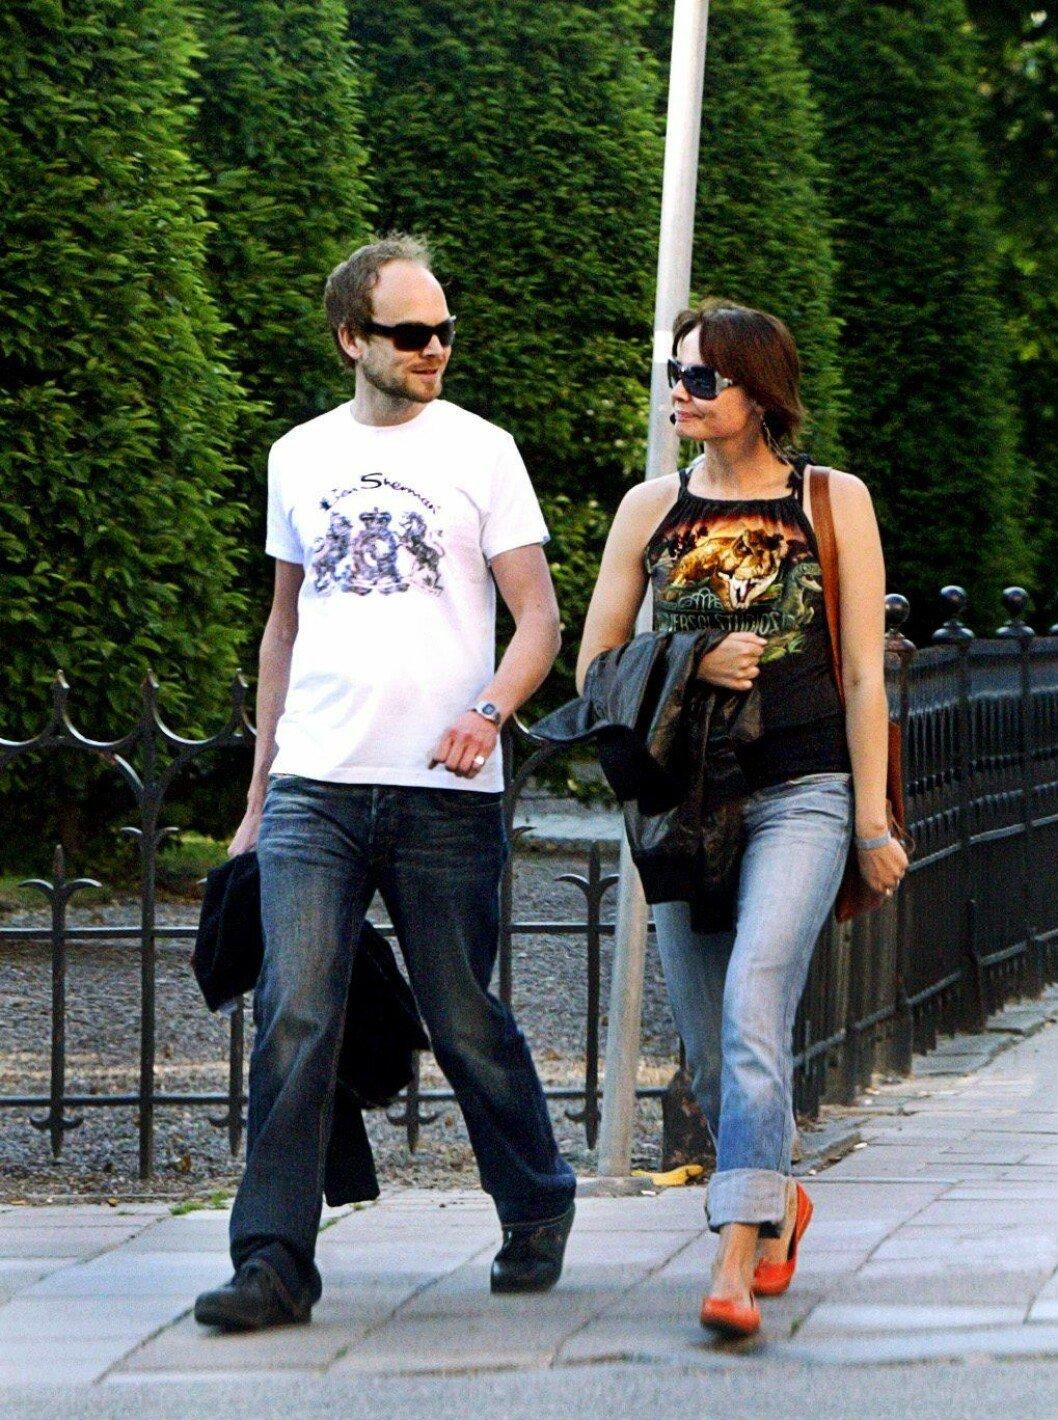 Carina Berg och Kristian Luuk går på en gata